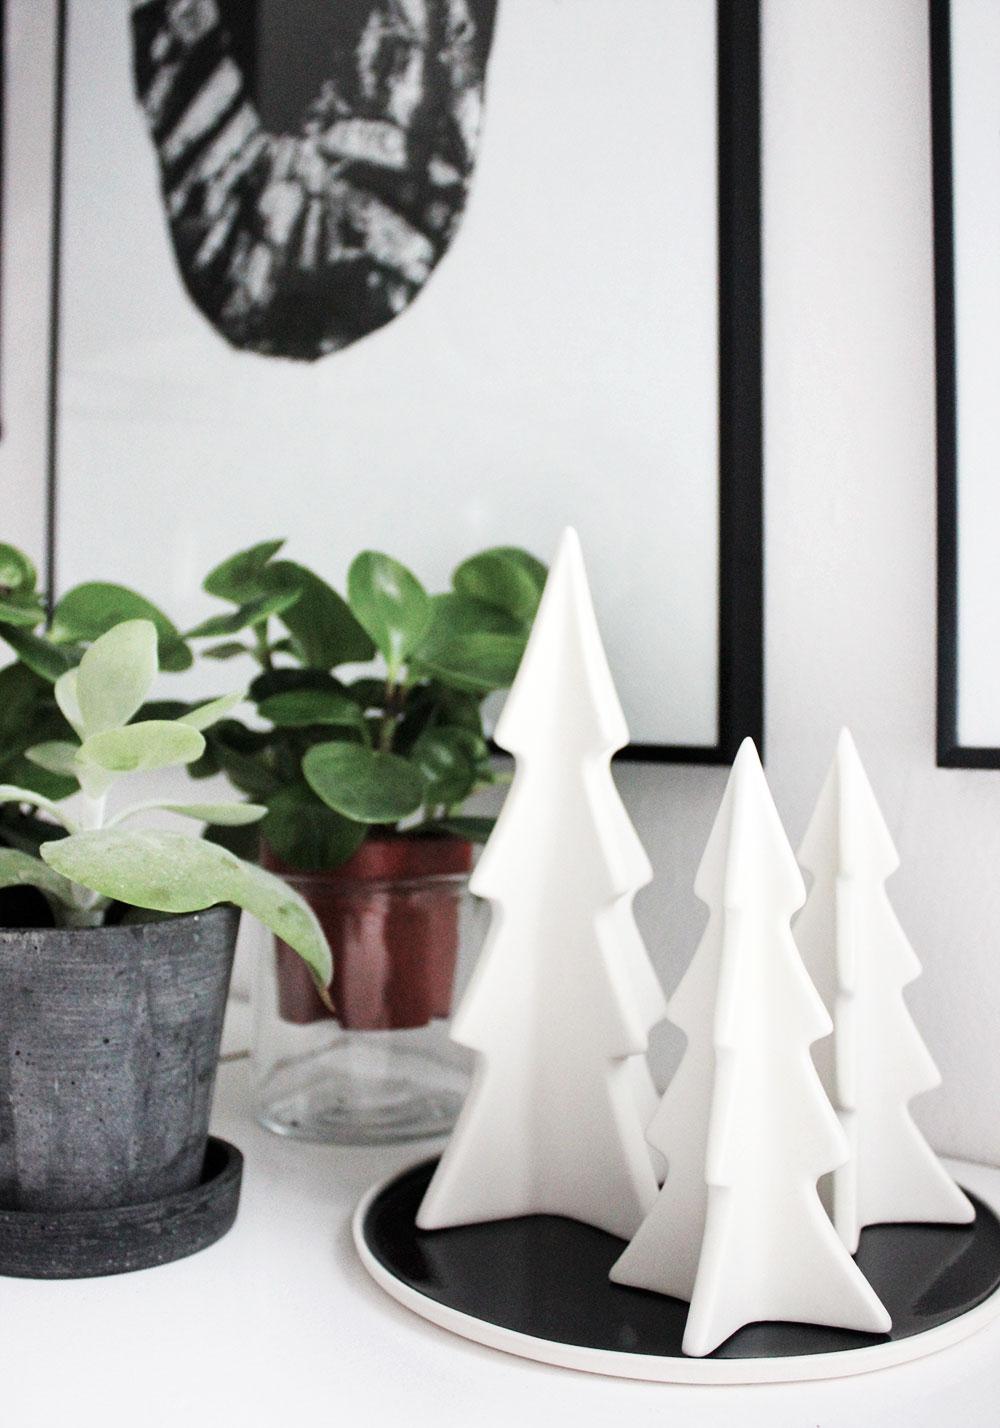 Weihnachtsdeko: Keramikbäumchen von Depot